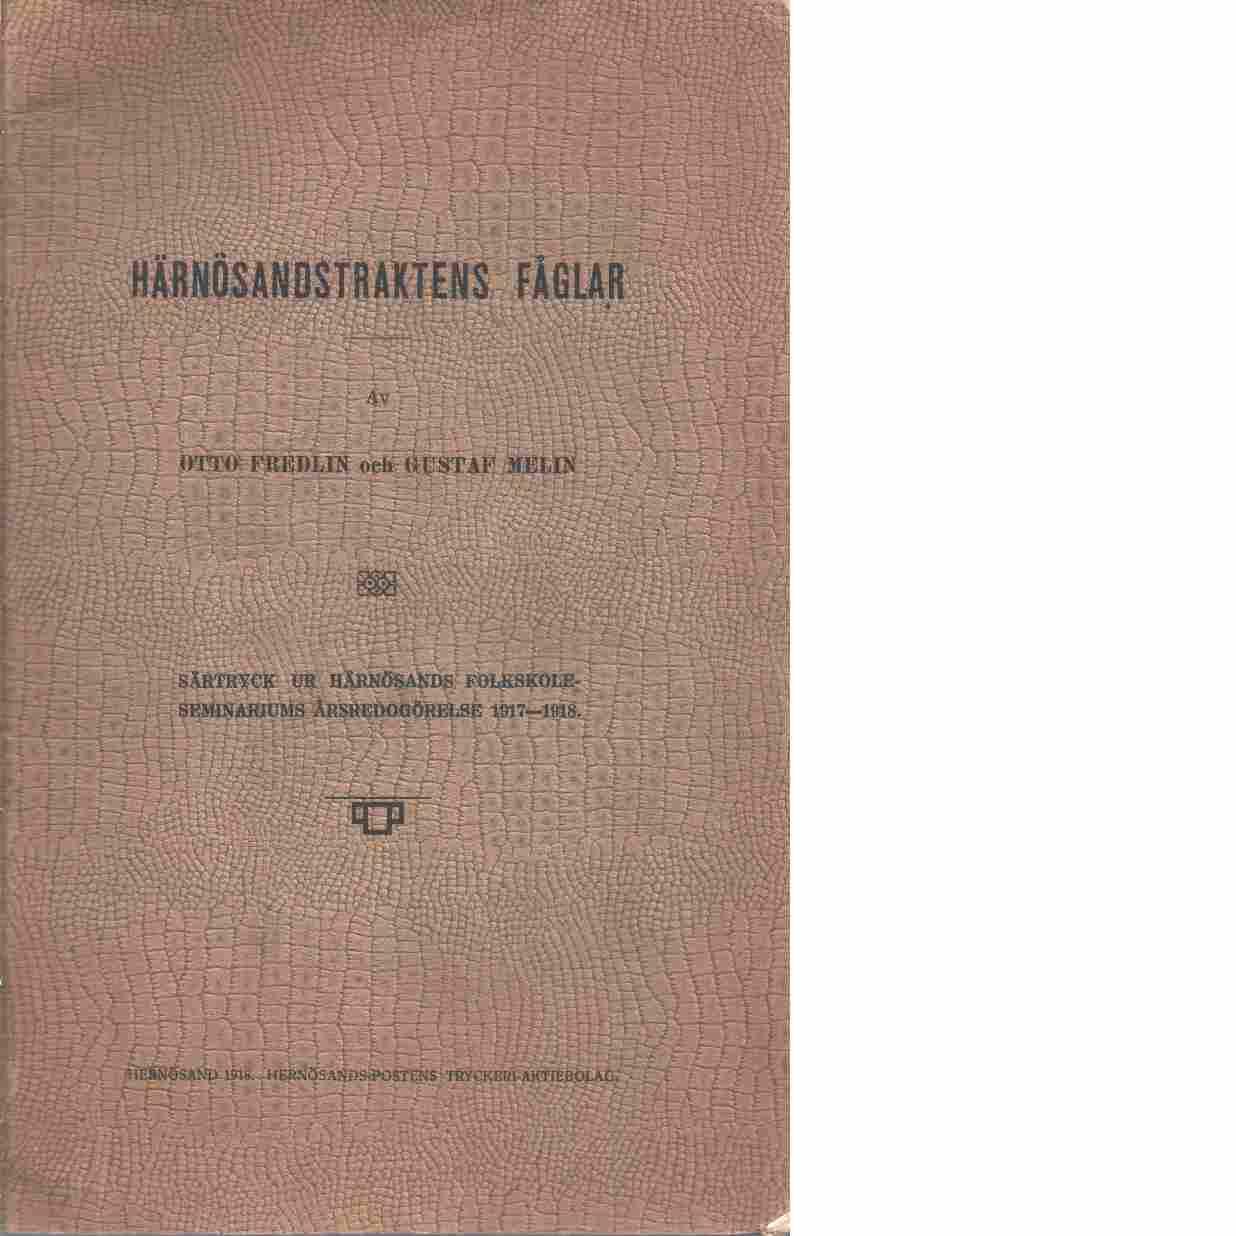 Härnösandstraktens fåglar - Fredlin,Otto och Melin Gustaf